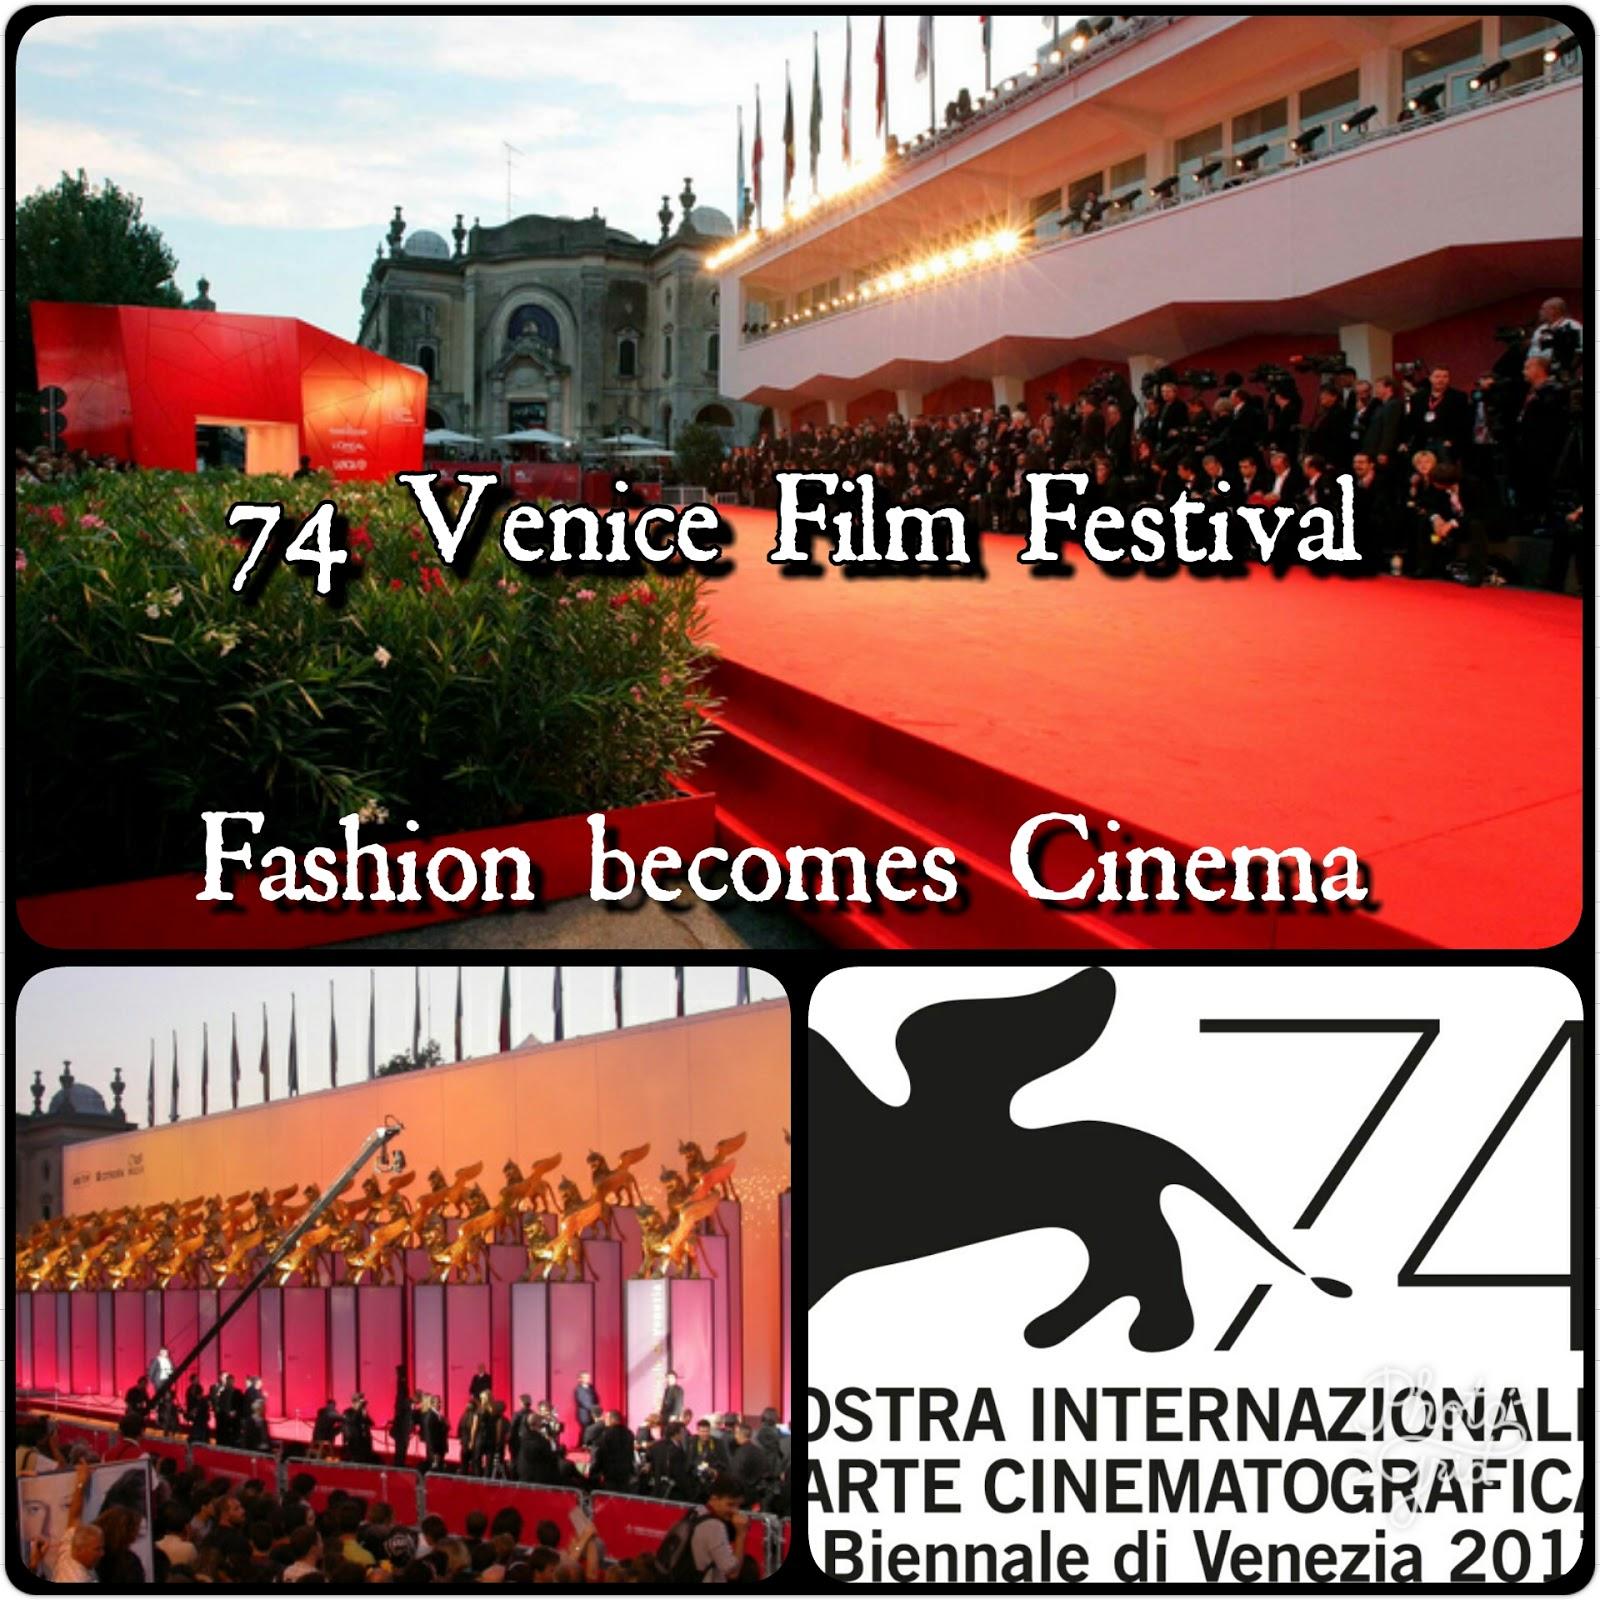 Festival del Cinema Venezia 2017: il Cinema diventa Moda... e il Glamour vince!